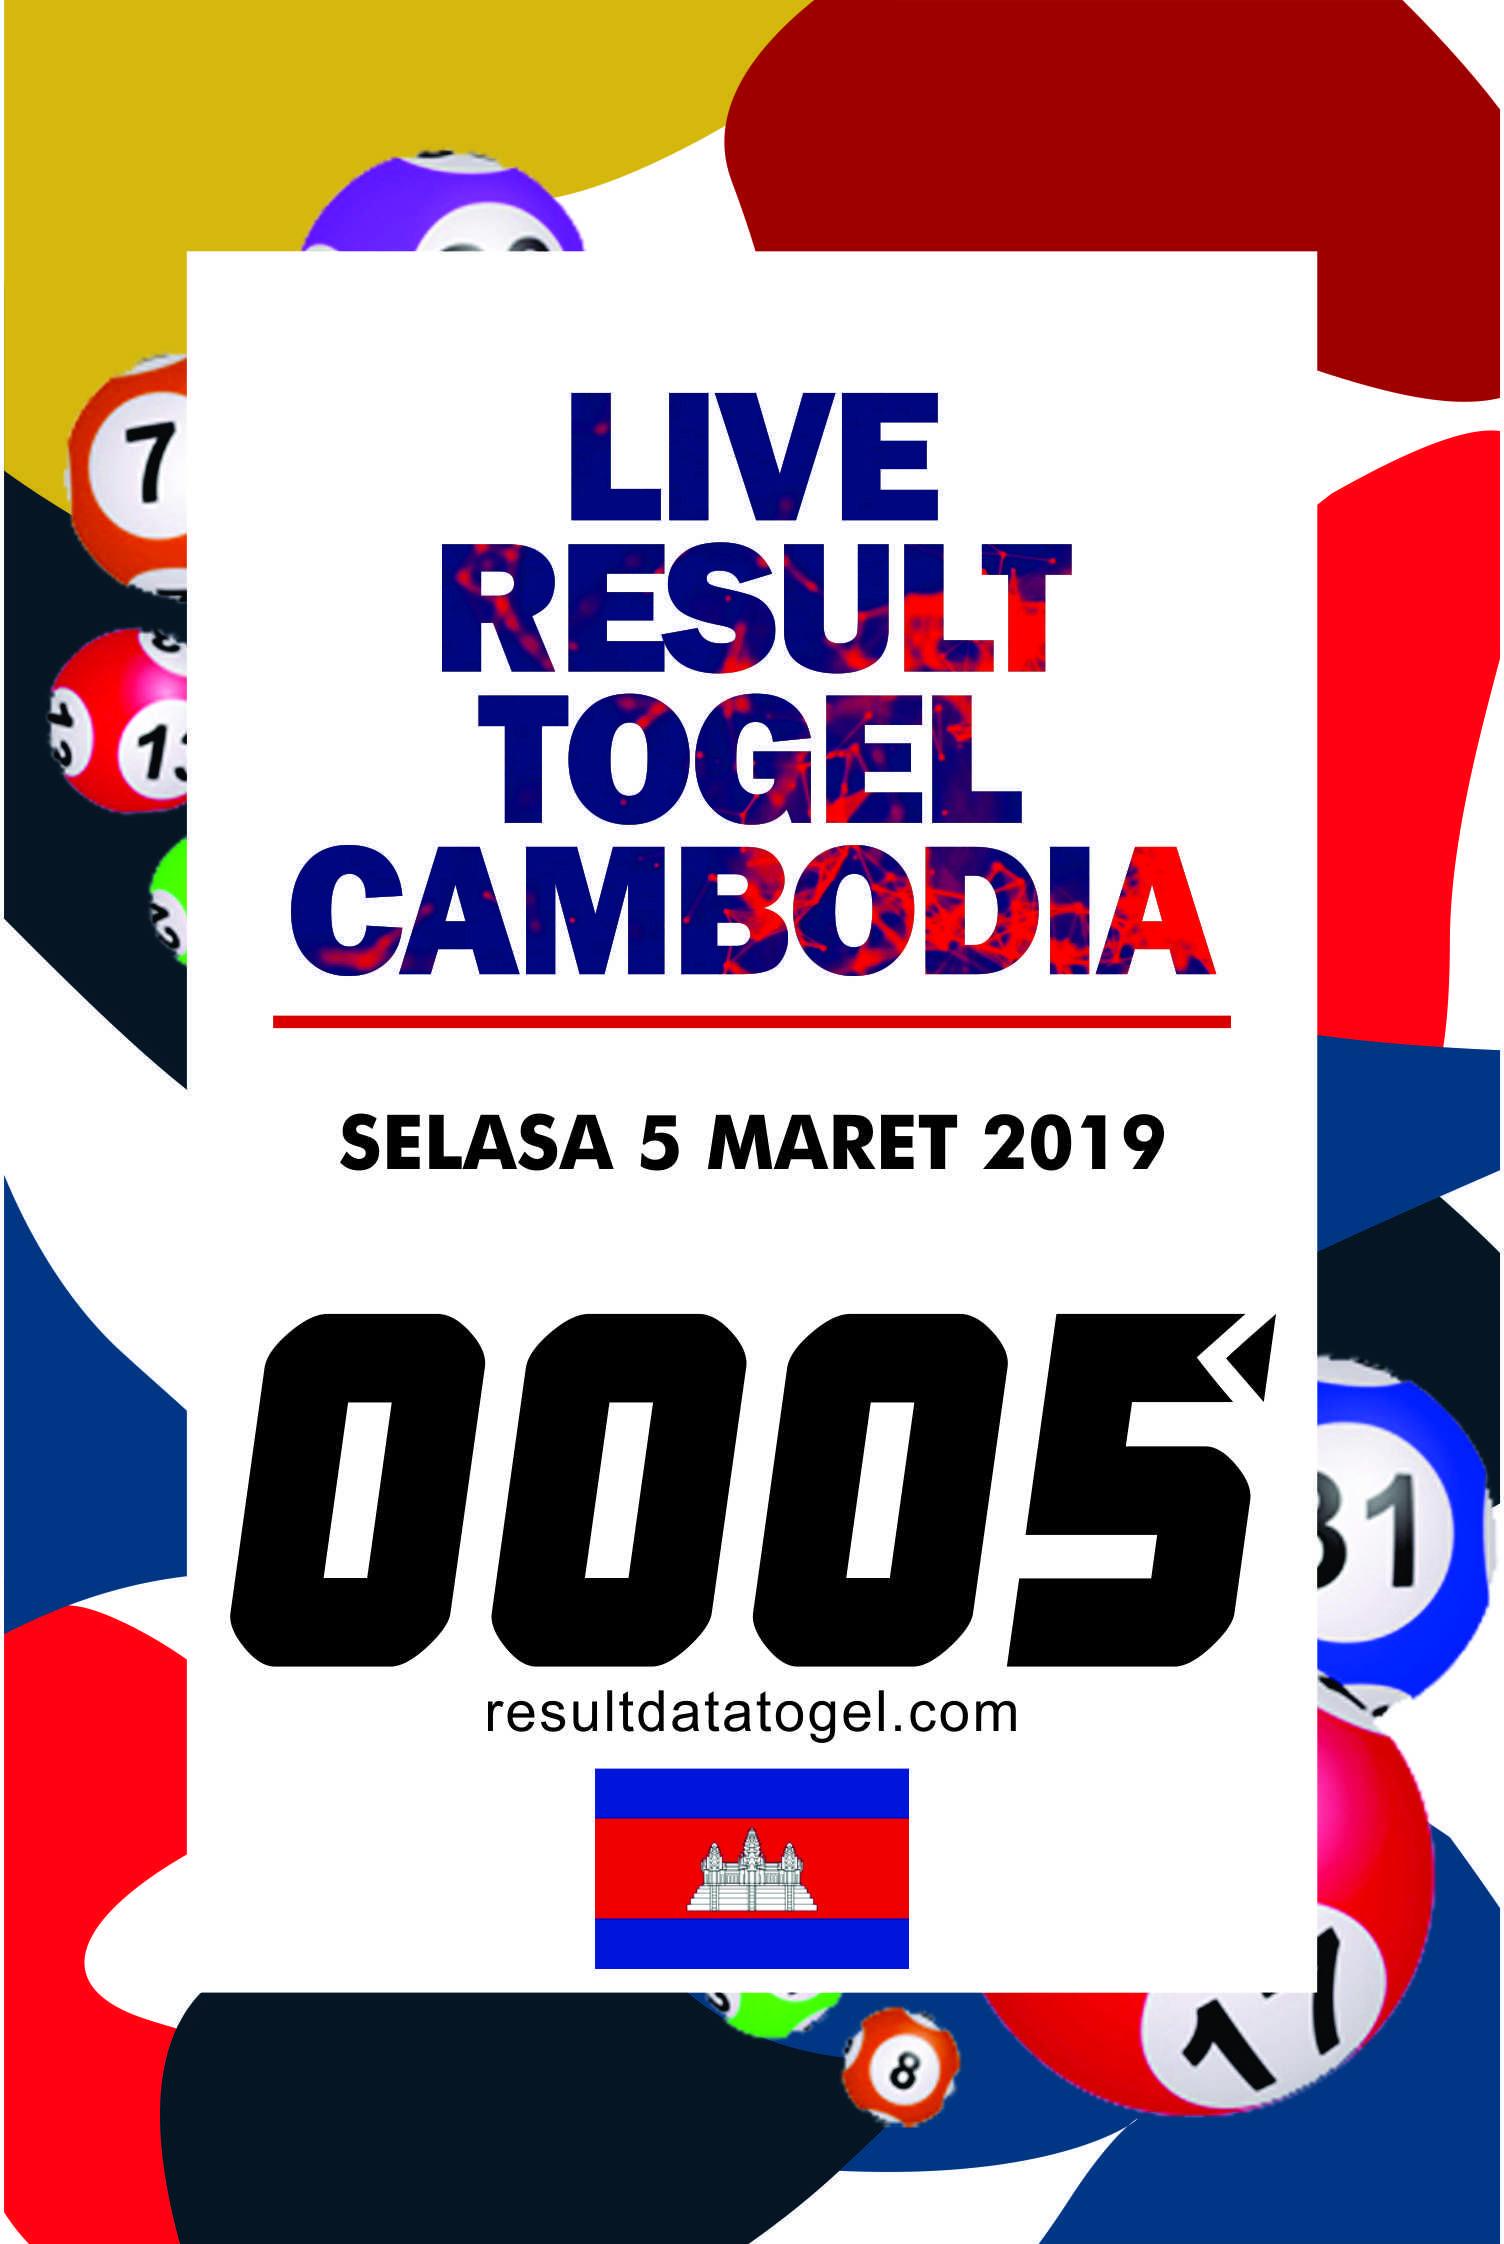 Prediksi Jitu Kamboja : prediksi, kamboja, KELUARAN, TOGEL, CAMBODIA, Kamboja,, Februari,, Februari